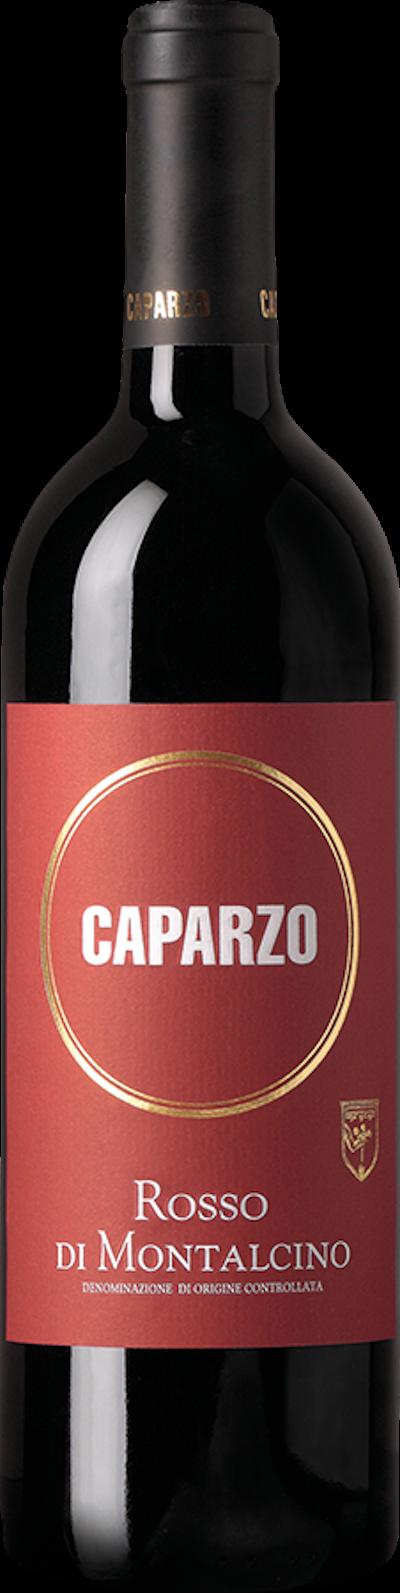 Caparzo - Rosso di Montalcino DOC